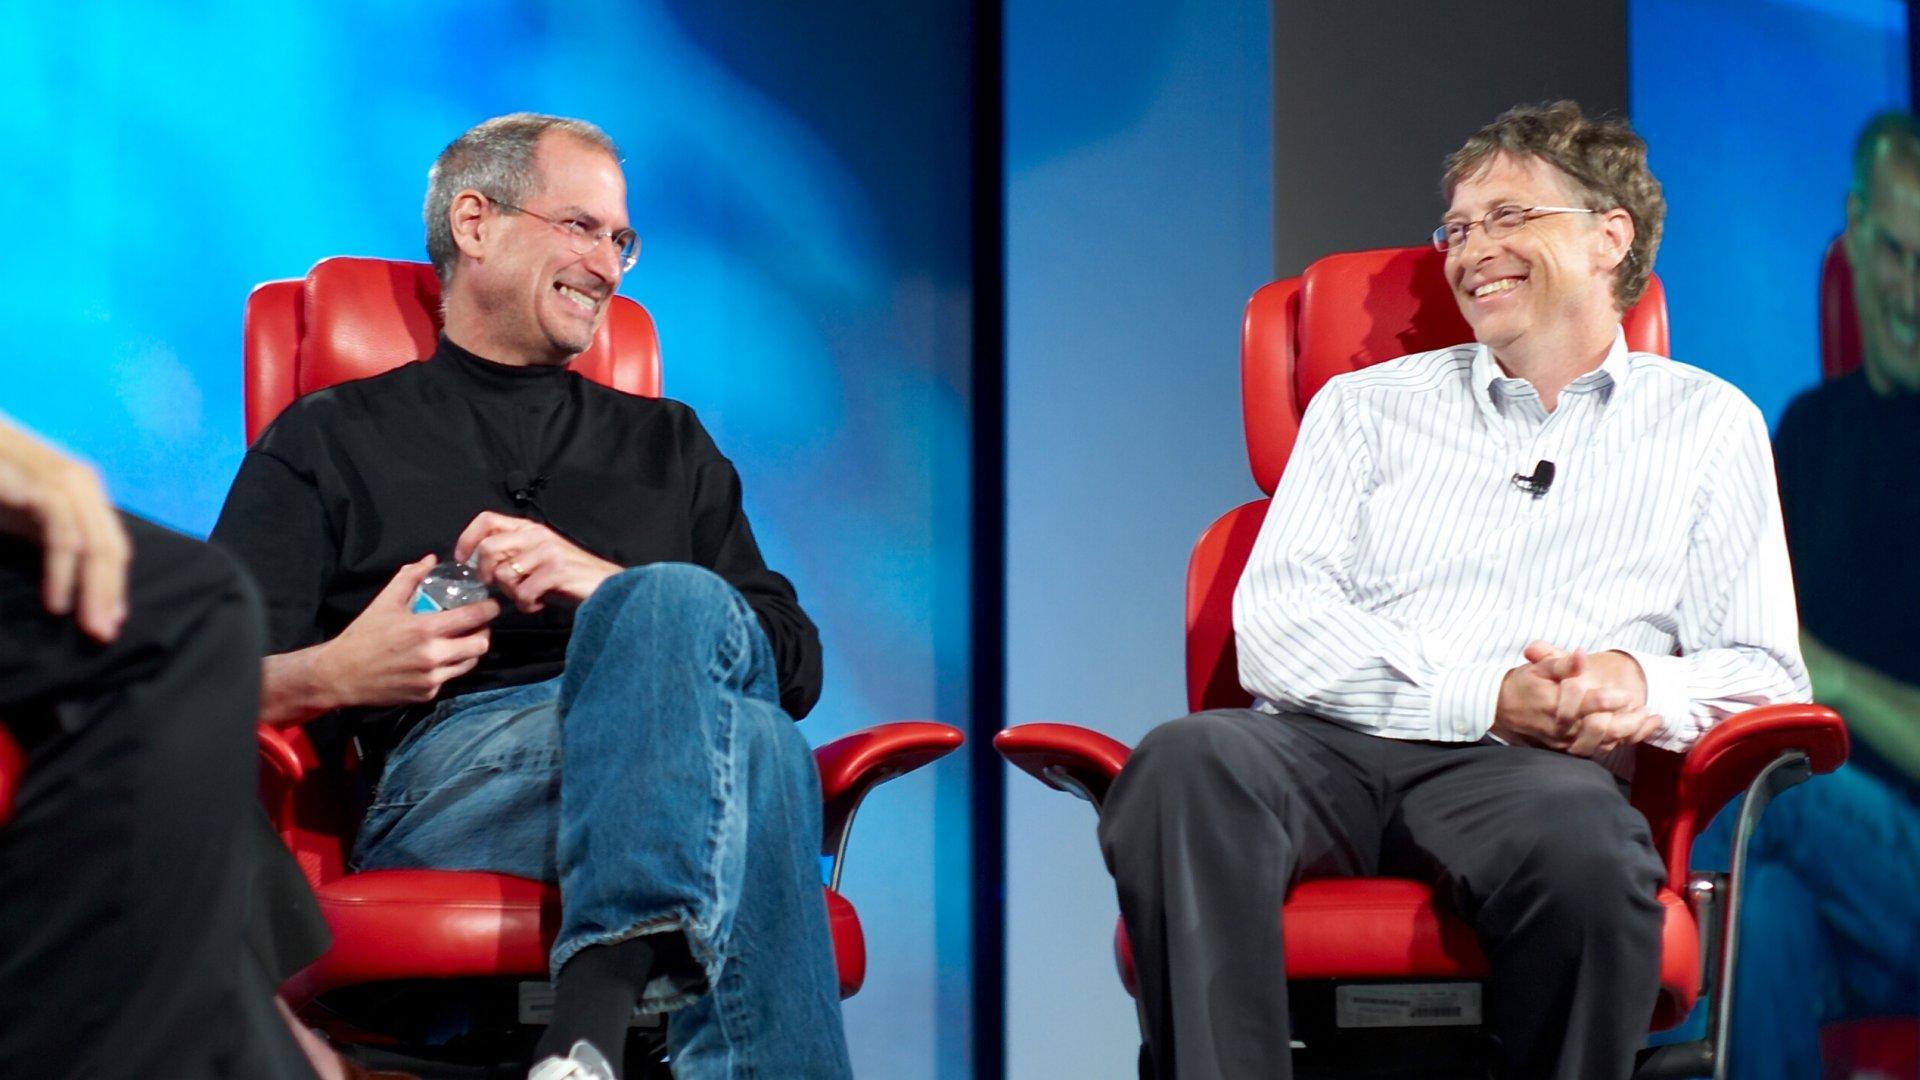 Steve Jobs (left) and Bill Gates.